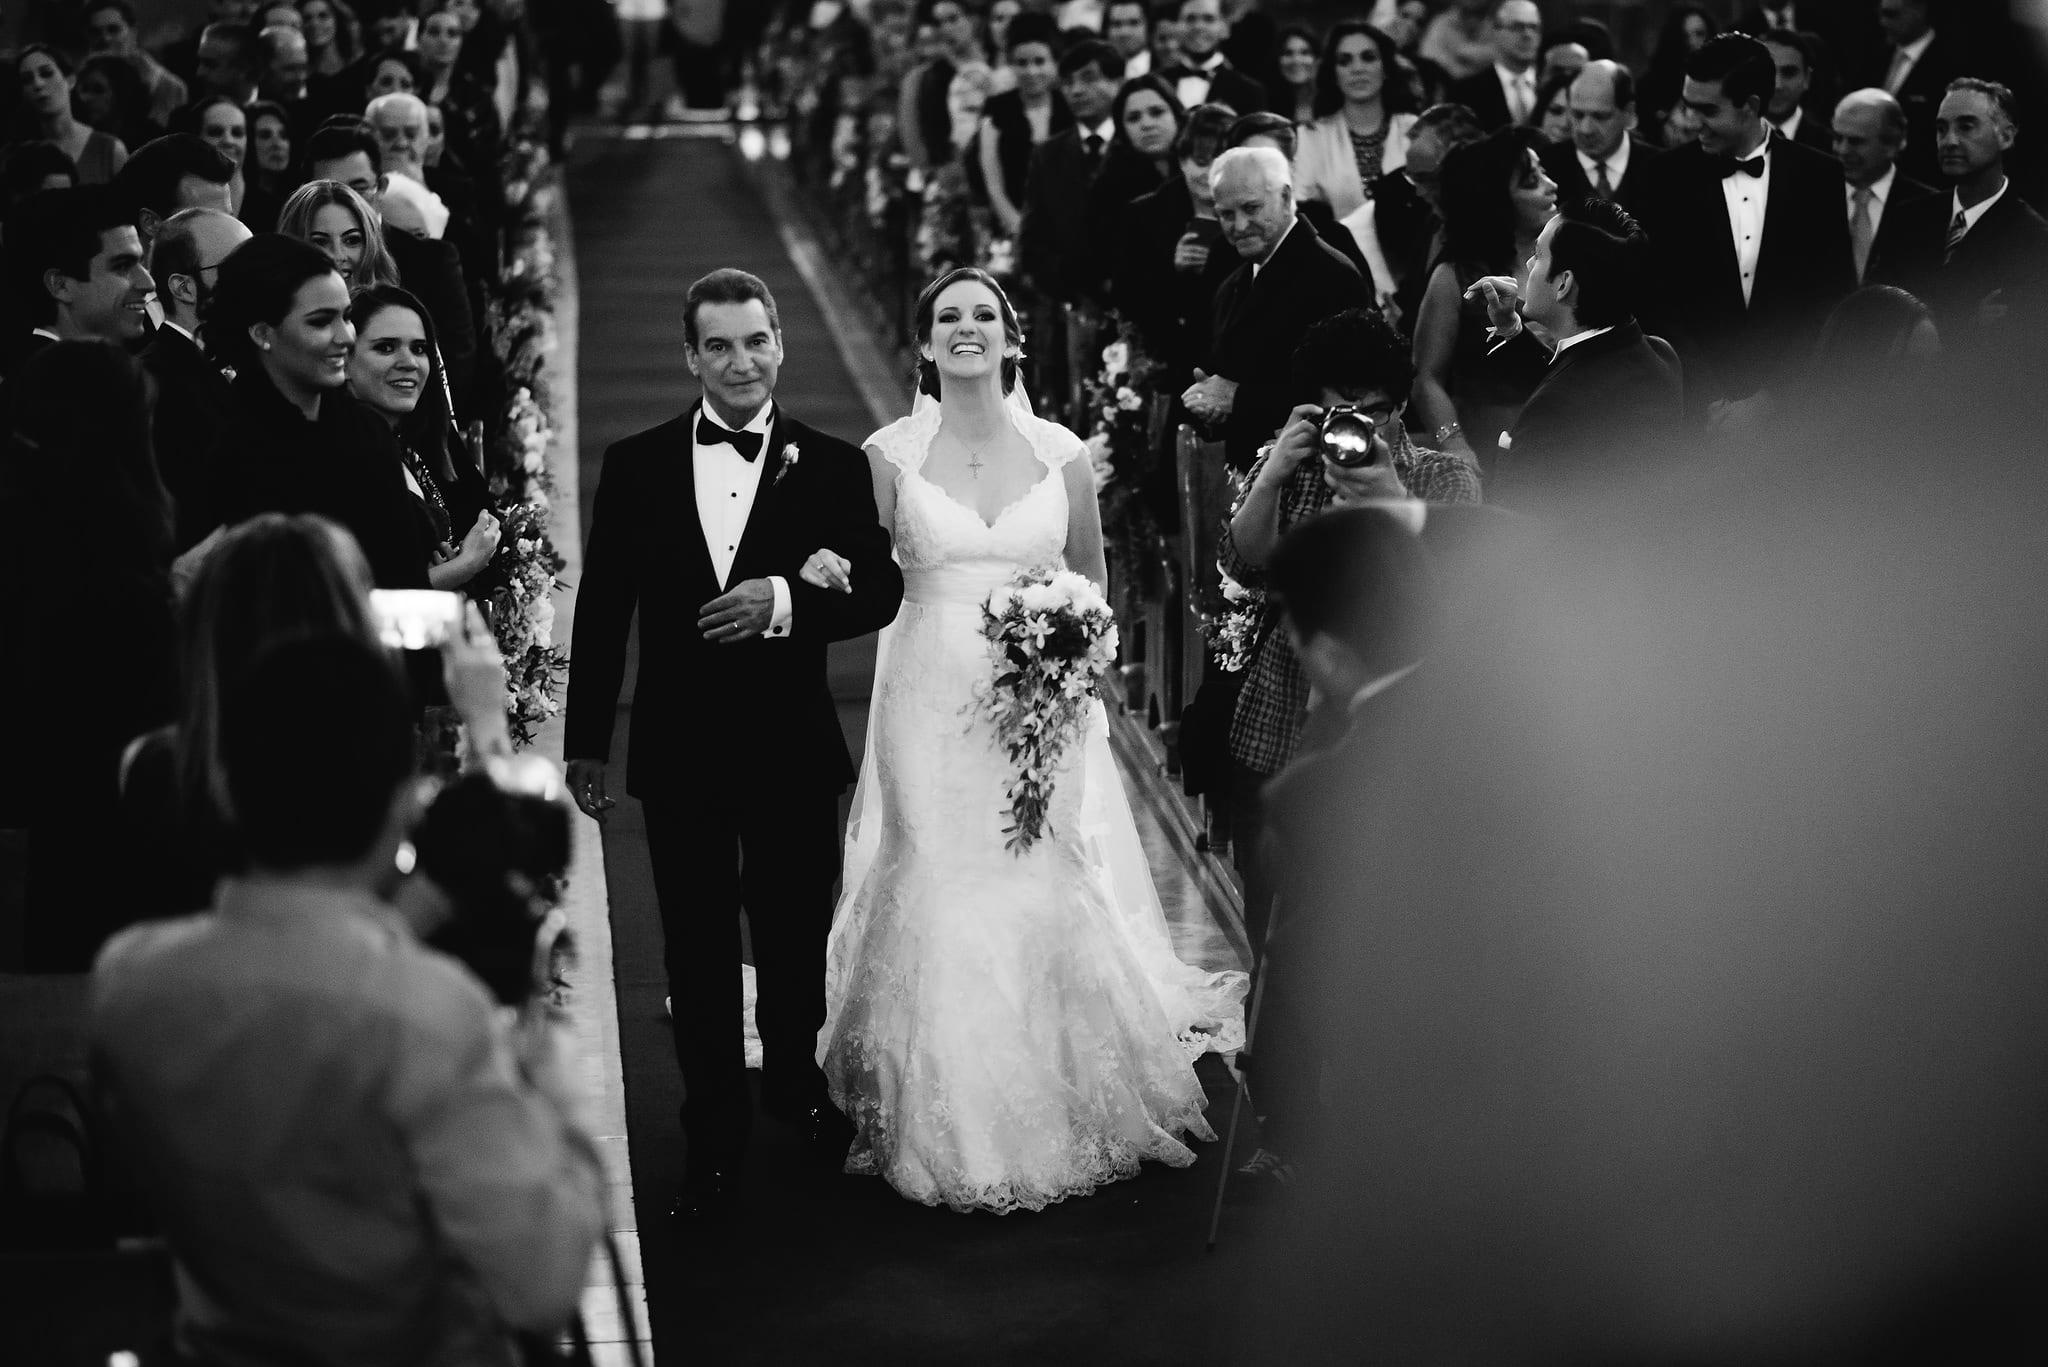 bodas-en-puebla-museo-de-san-pedro-la-compañia-0874